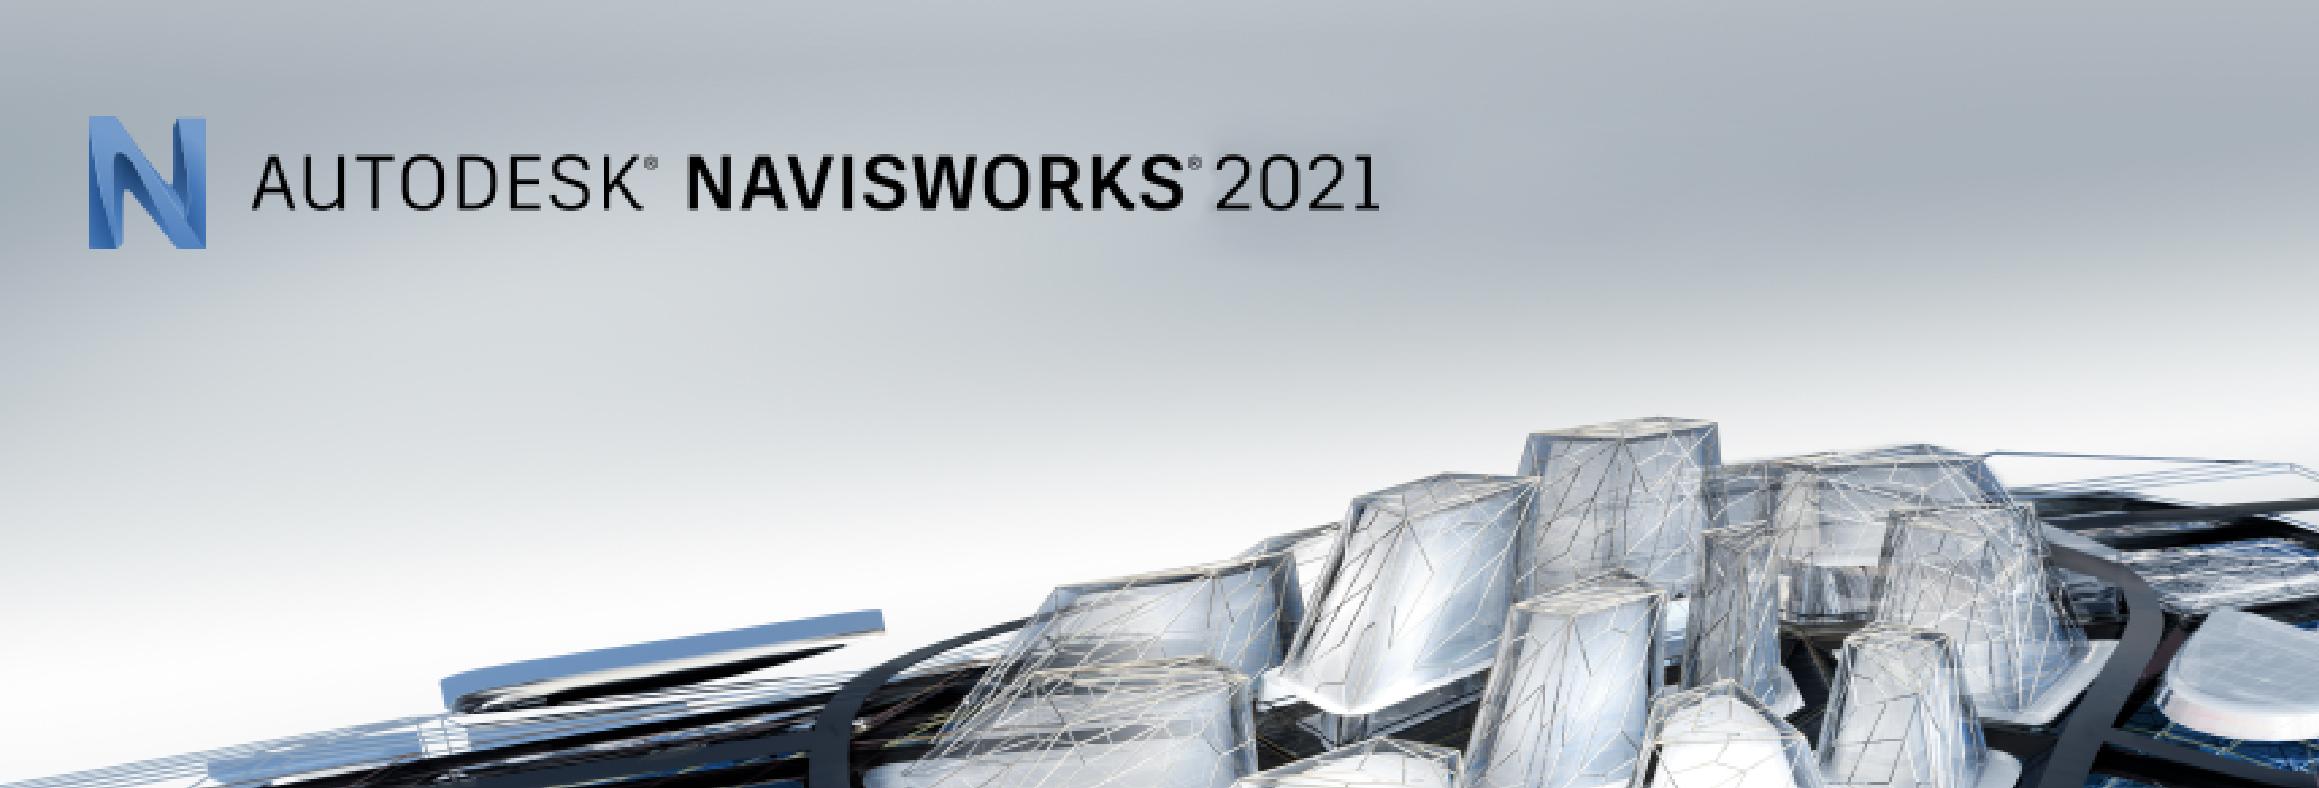 Navisworks-2021